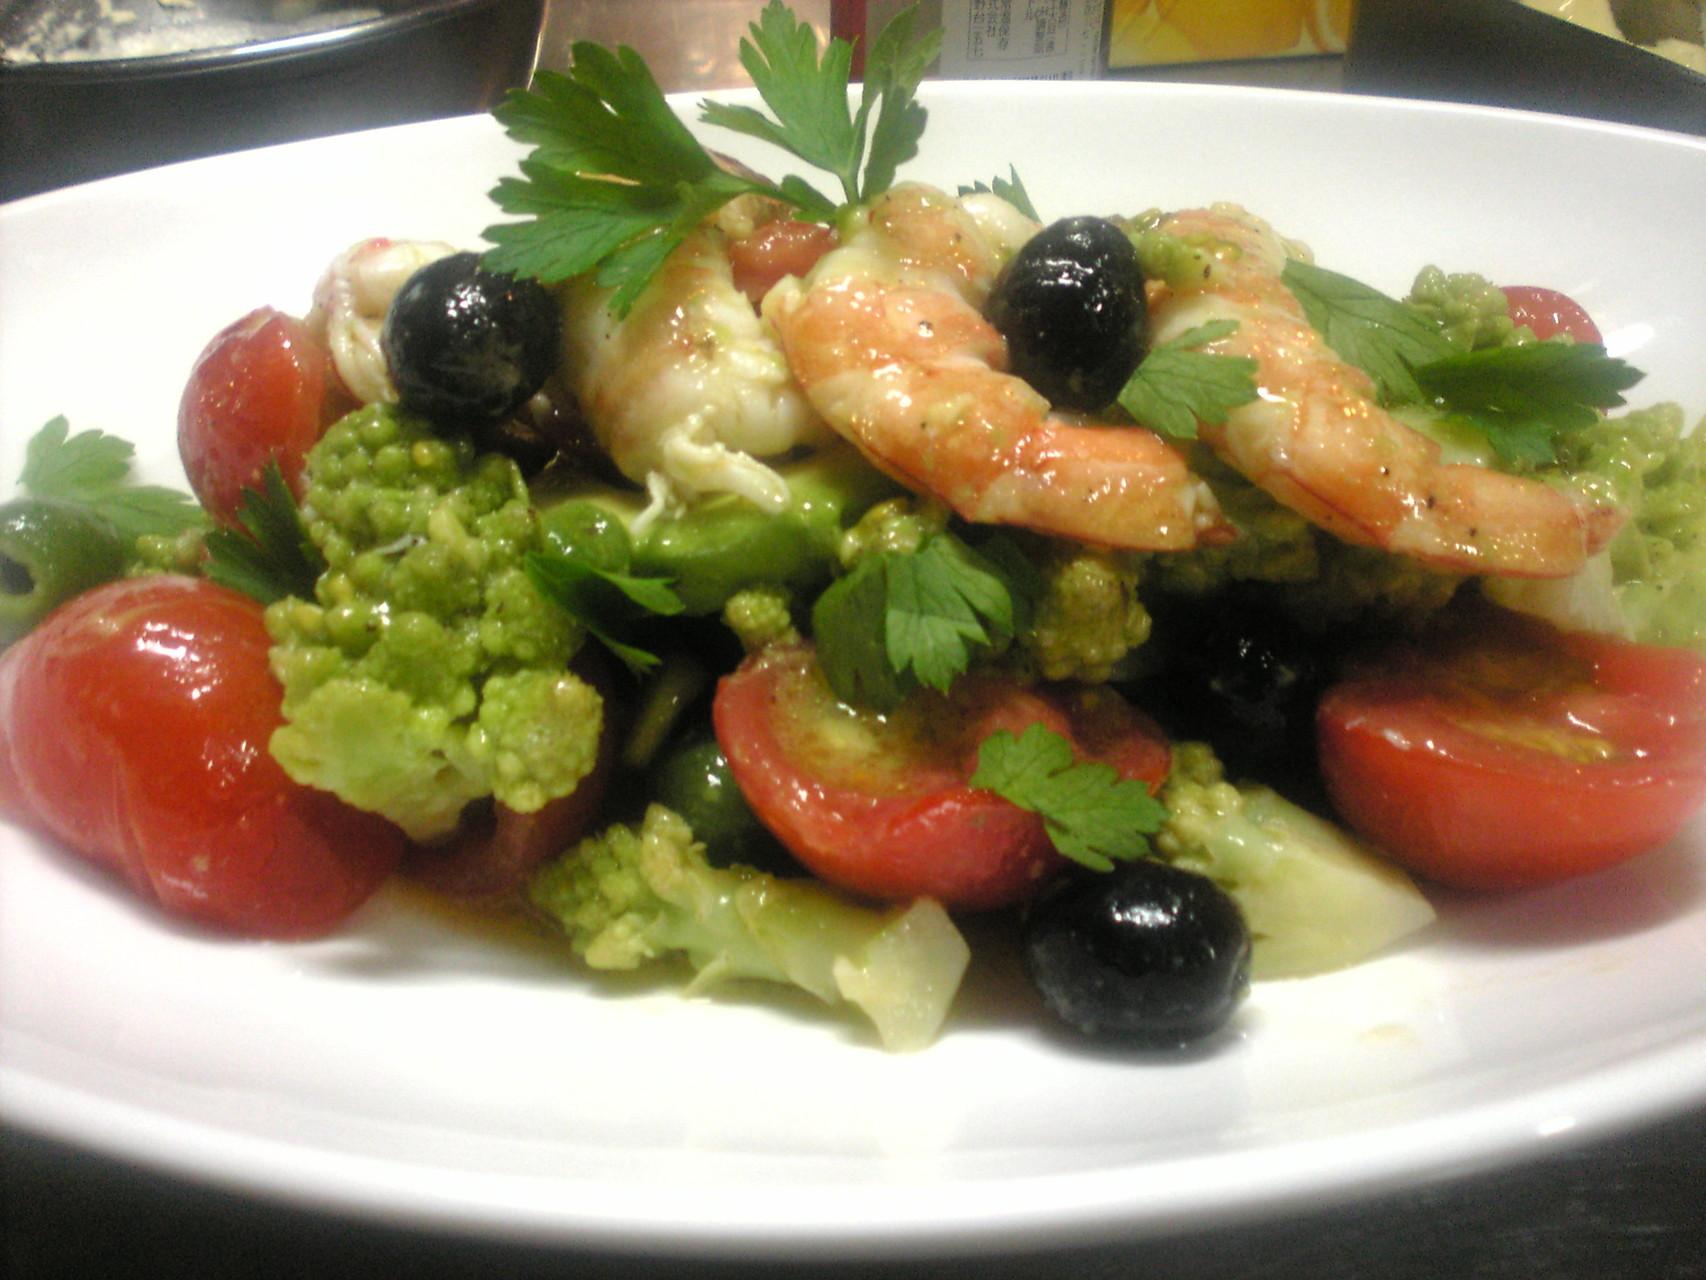 つぶしトマト・海老・黒オリーブ・ロマネスコのサラダ